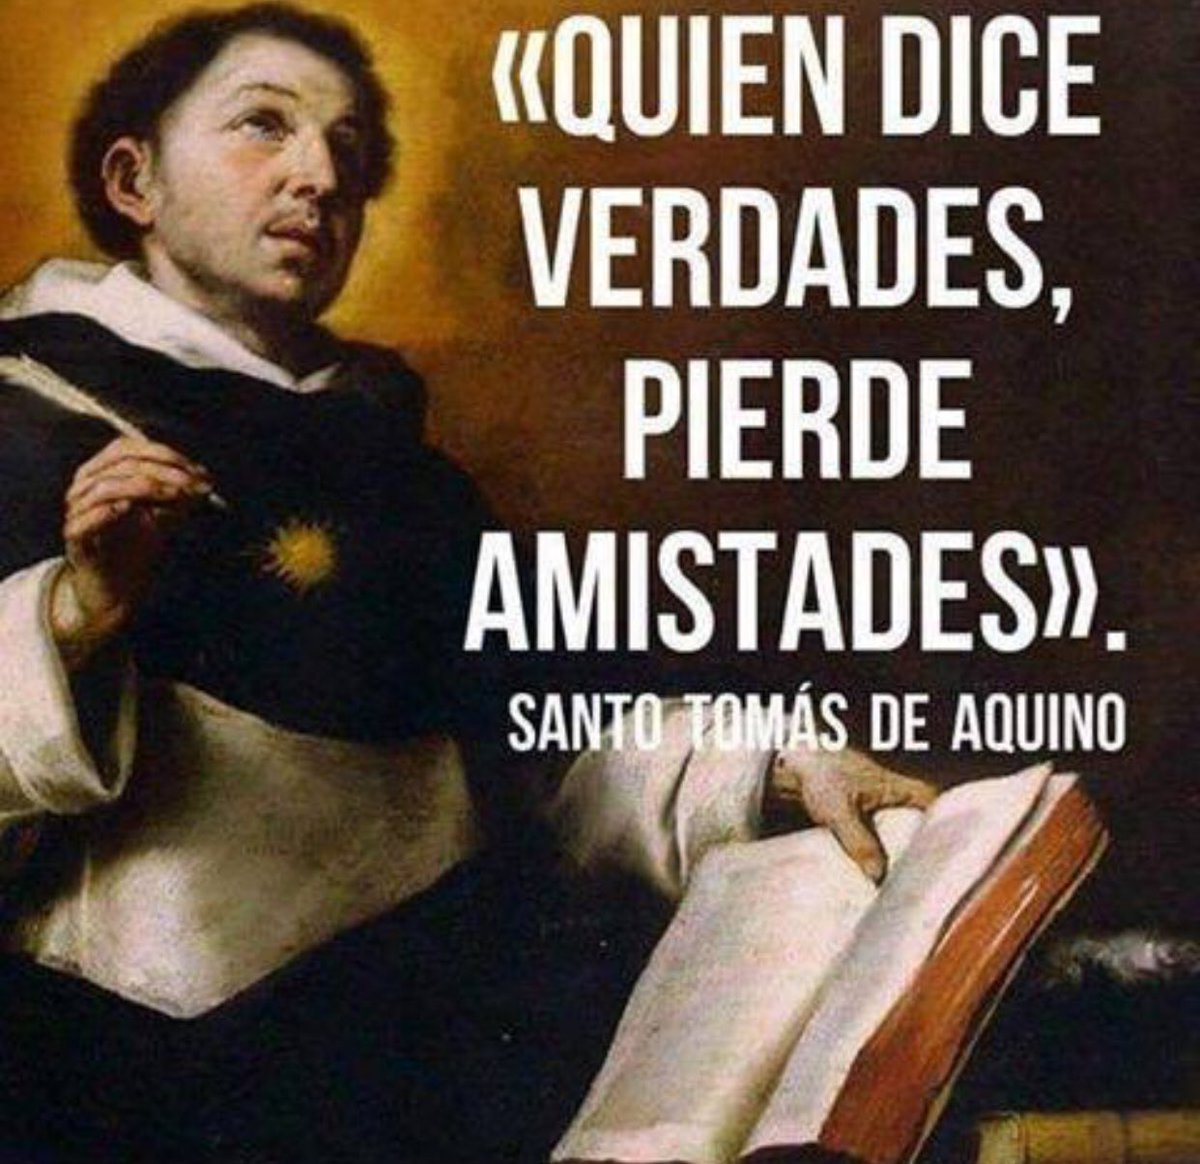 Frases De Santos Twitter પર Quien Dice Verdadespierde